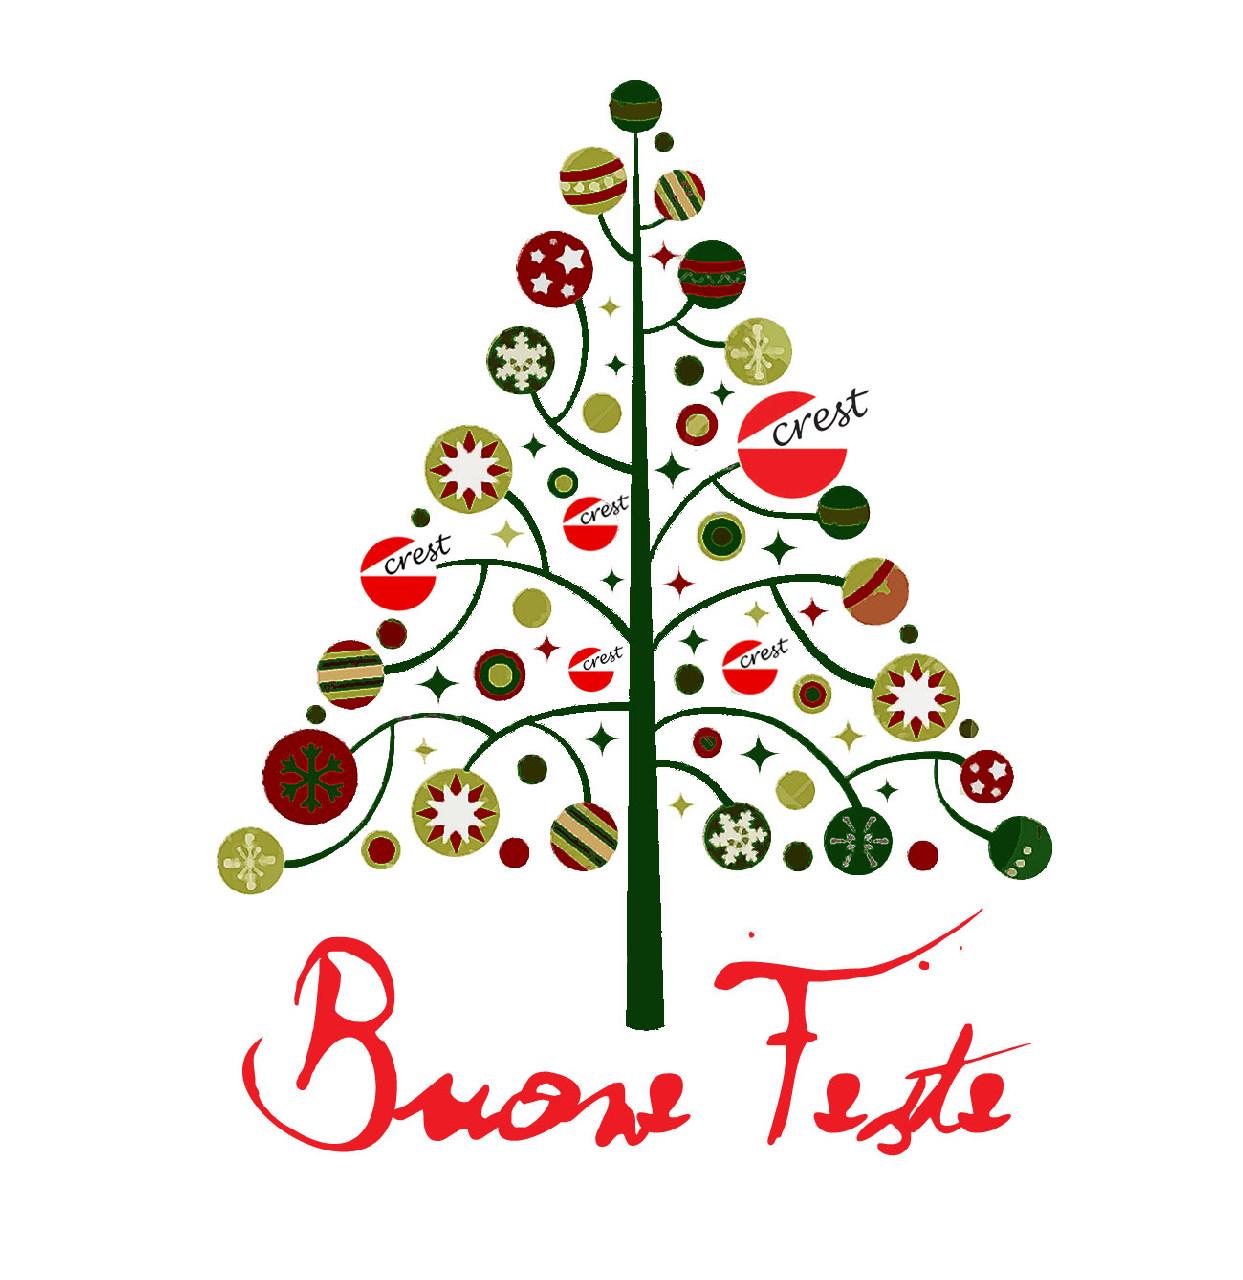 Albero Di Natale Stilizzato.Cooperativa Teatrale Crest Albero Di Natale Stilizzato